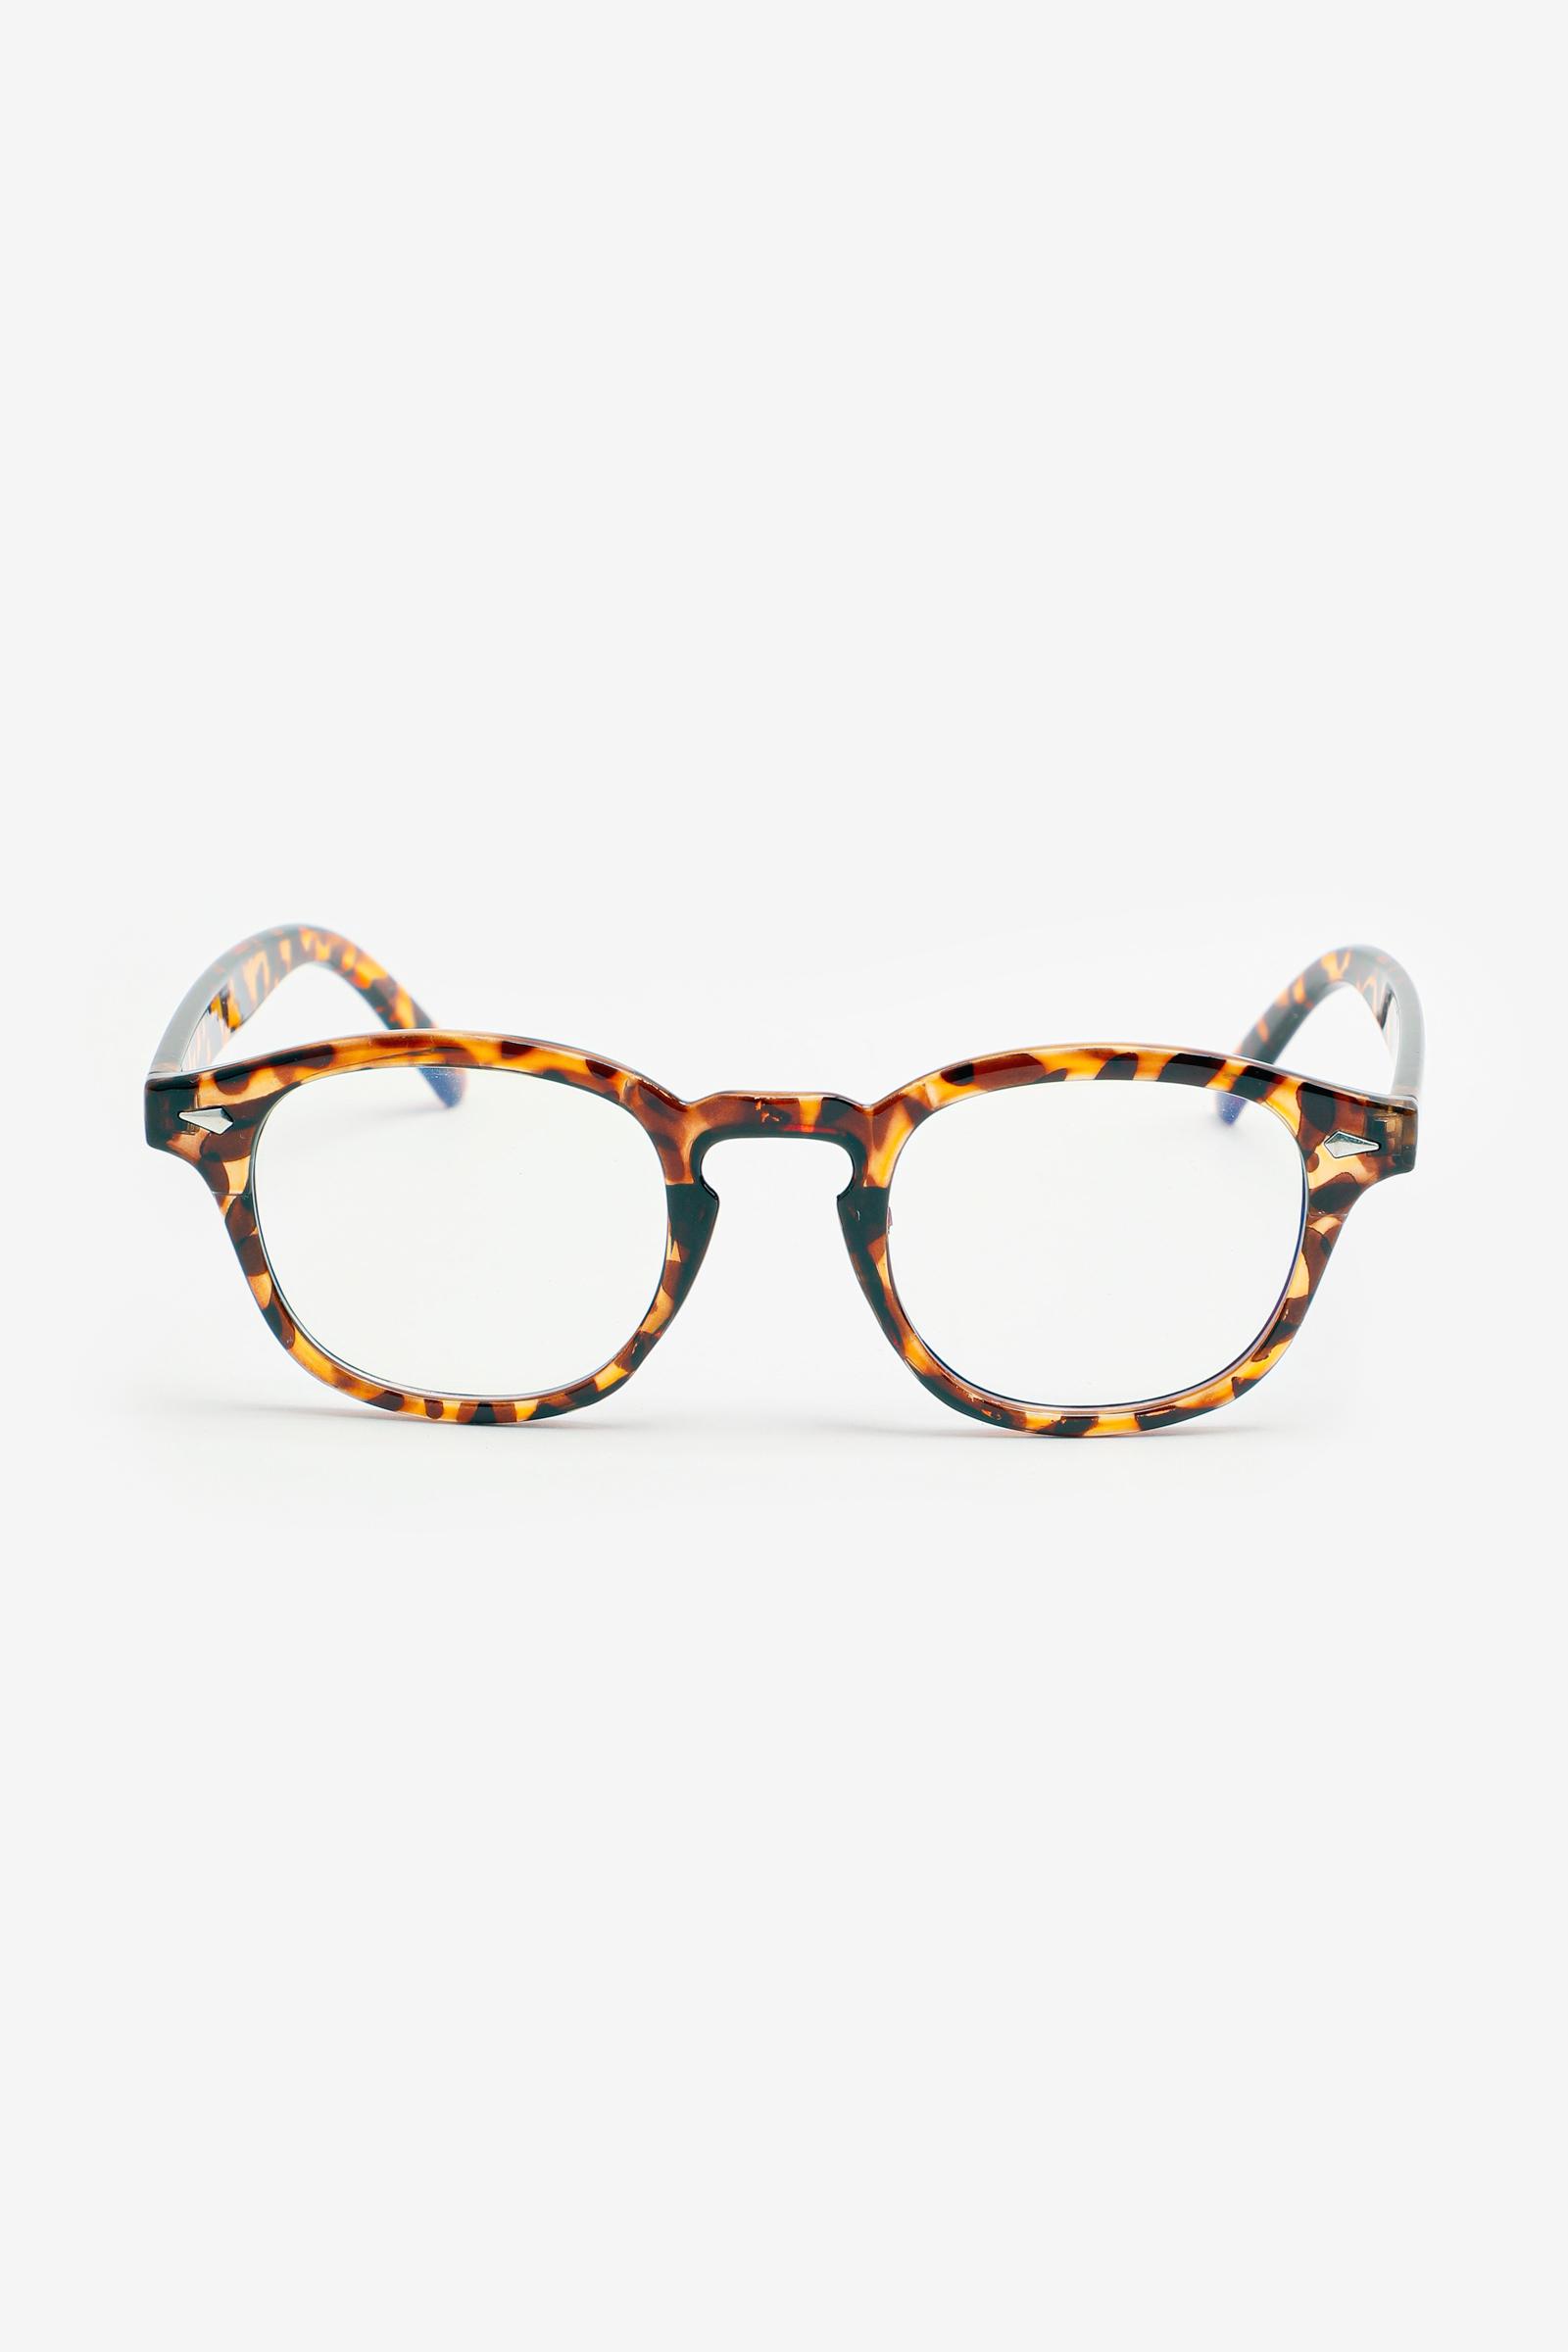 Blue Light Wayfarer Glasses